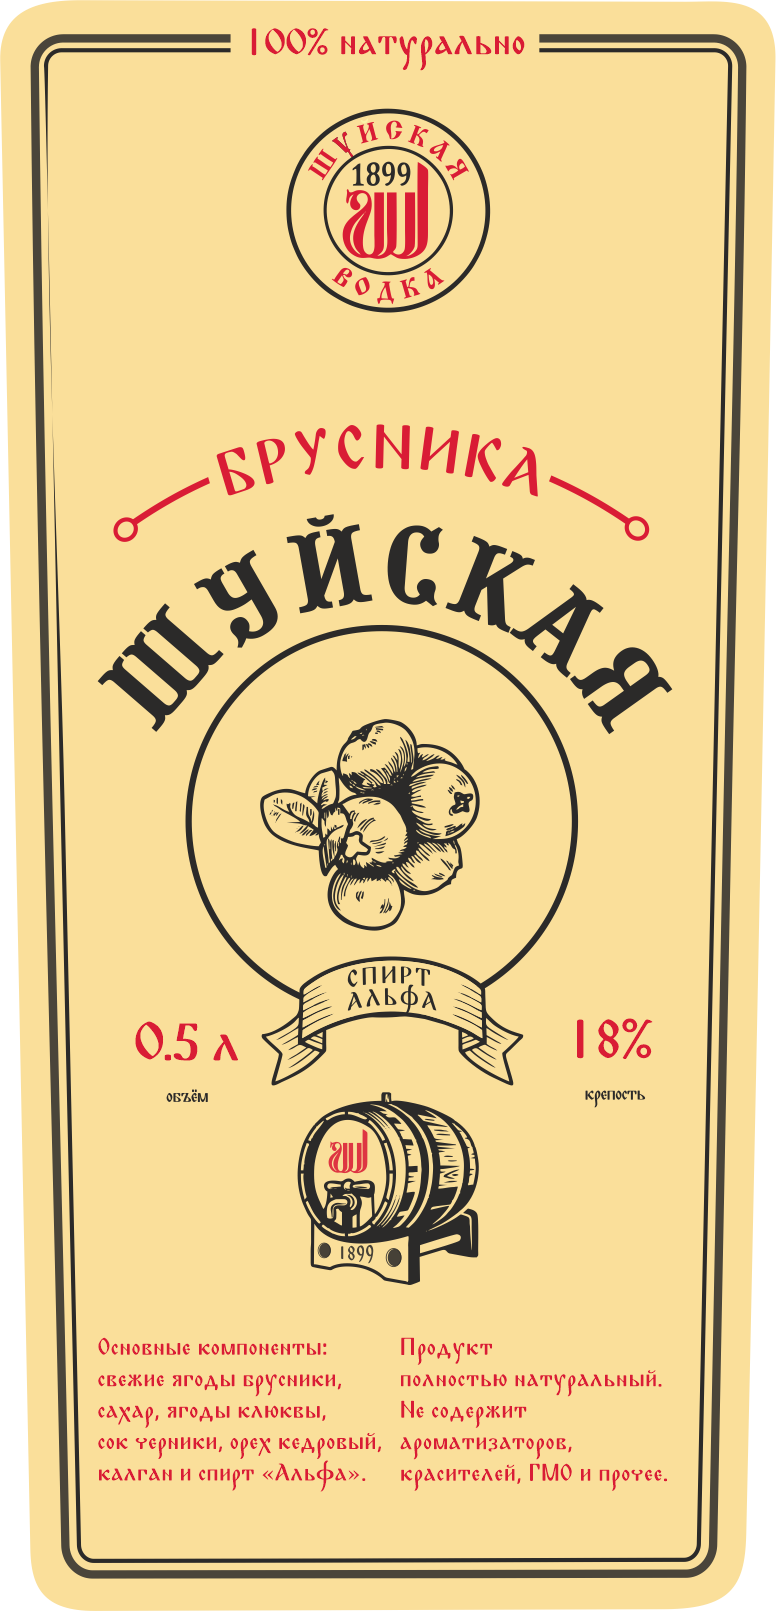 Дизайн этикетки алкогольного продукта (сладкая настойка) фото f_0495f8d92ca3c024.png